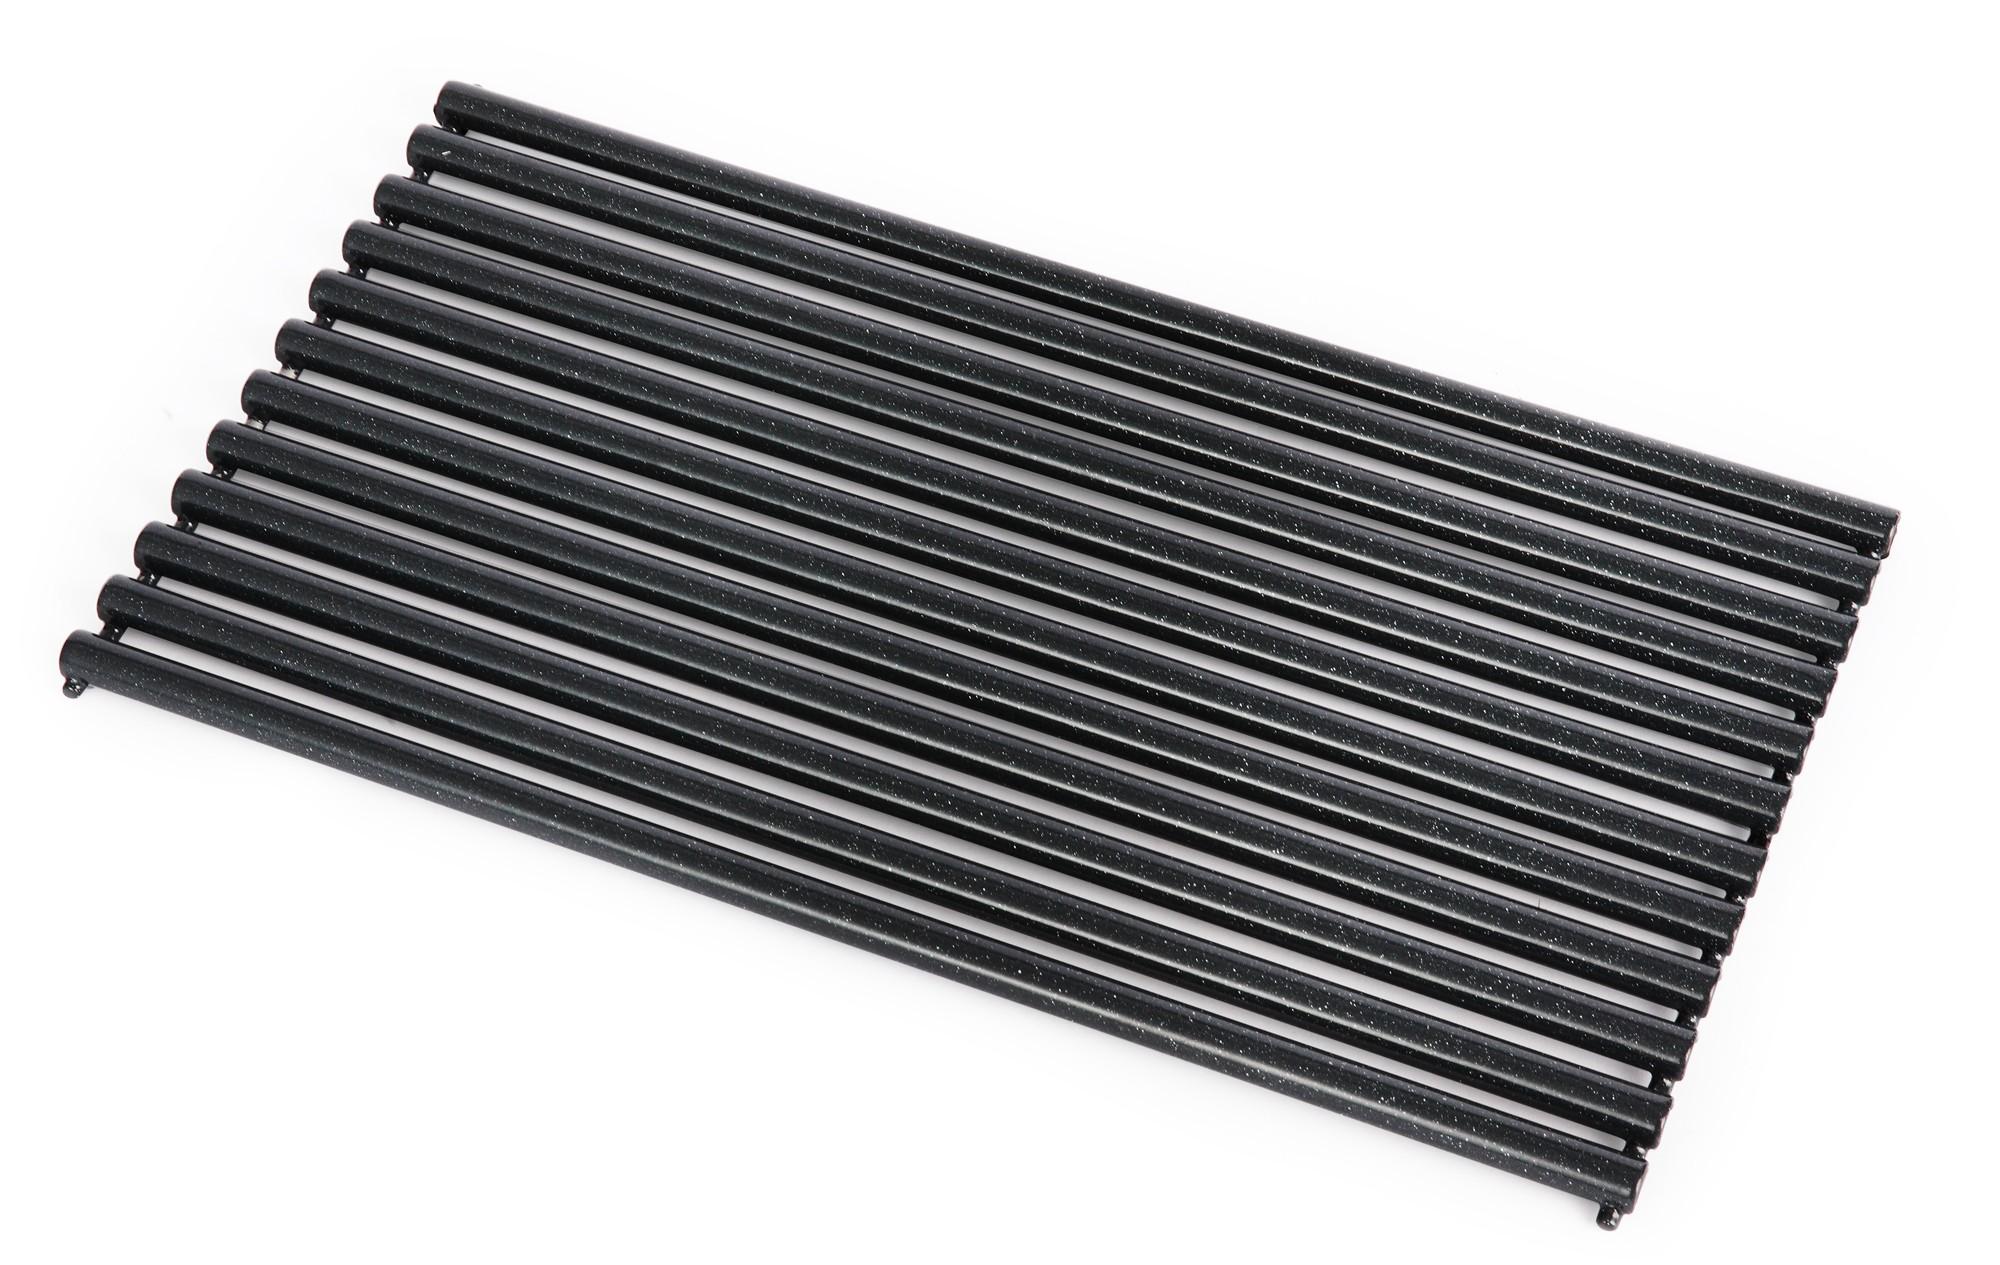 CADAC Grillrost / Thermogrid für Stratos 19,5 x 41,5 cm Bild 1